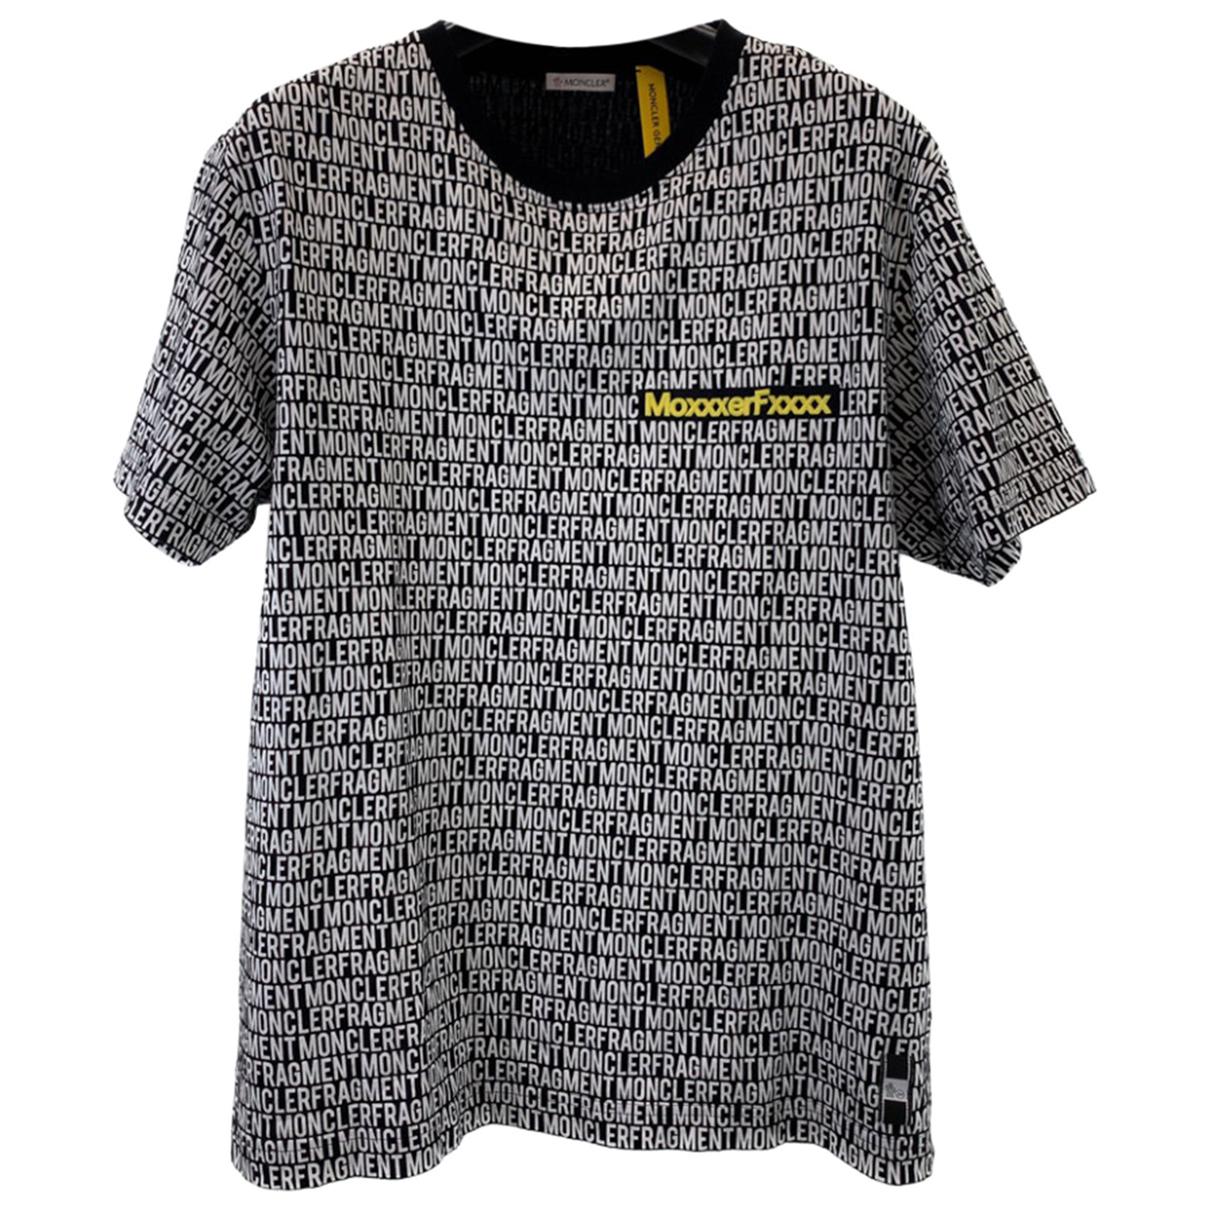 Moncler - Tee shirts   pour homme en coton - gris